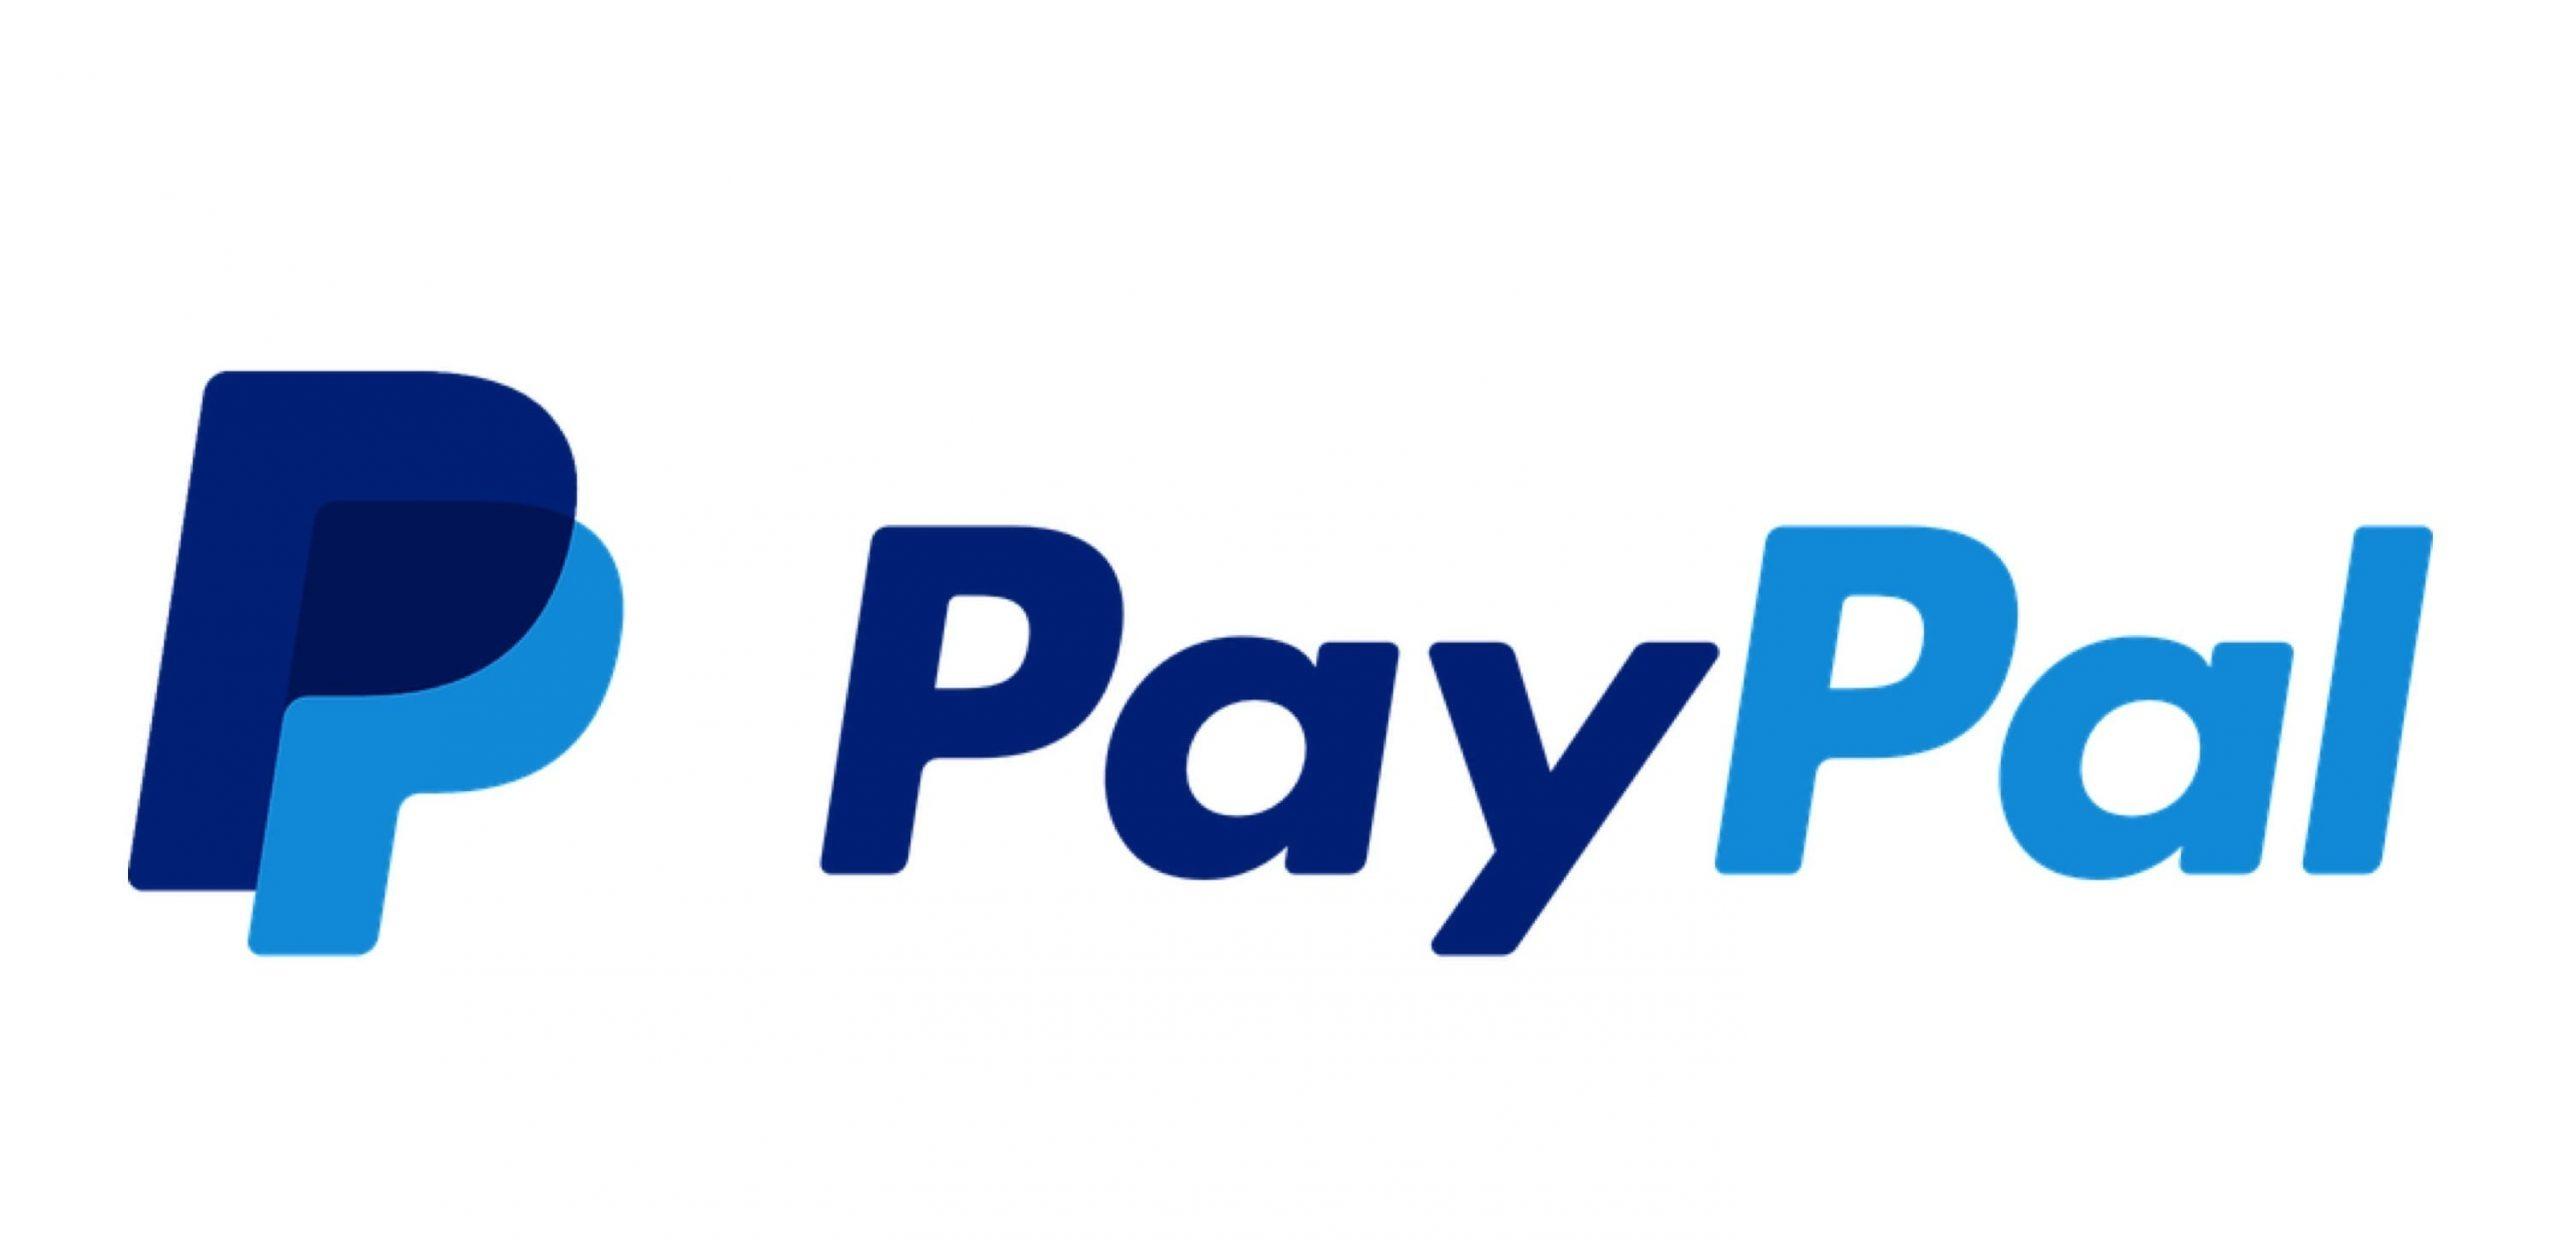 Paypal - Proposez le paiement de vos factures avec votre compte PayPal marchand